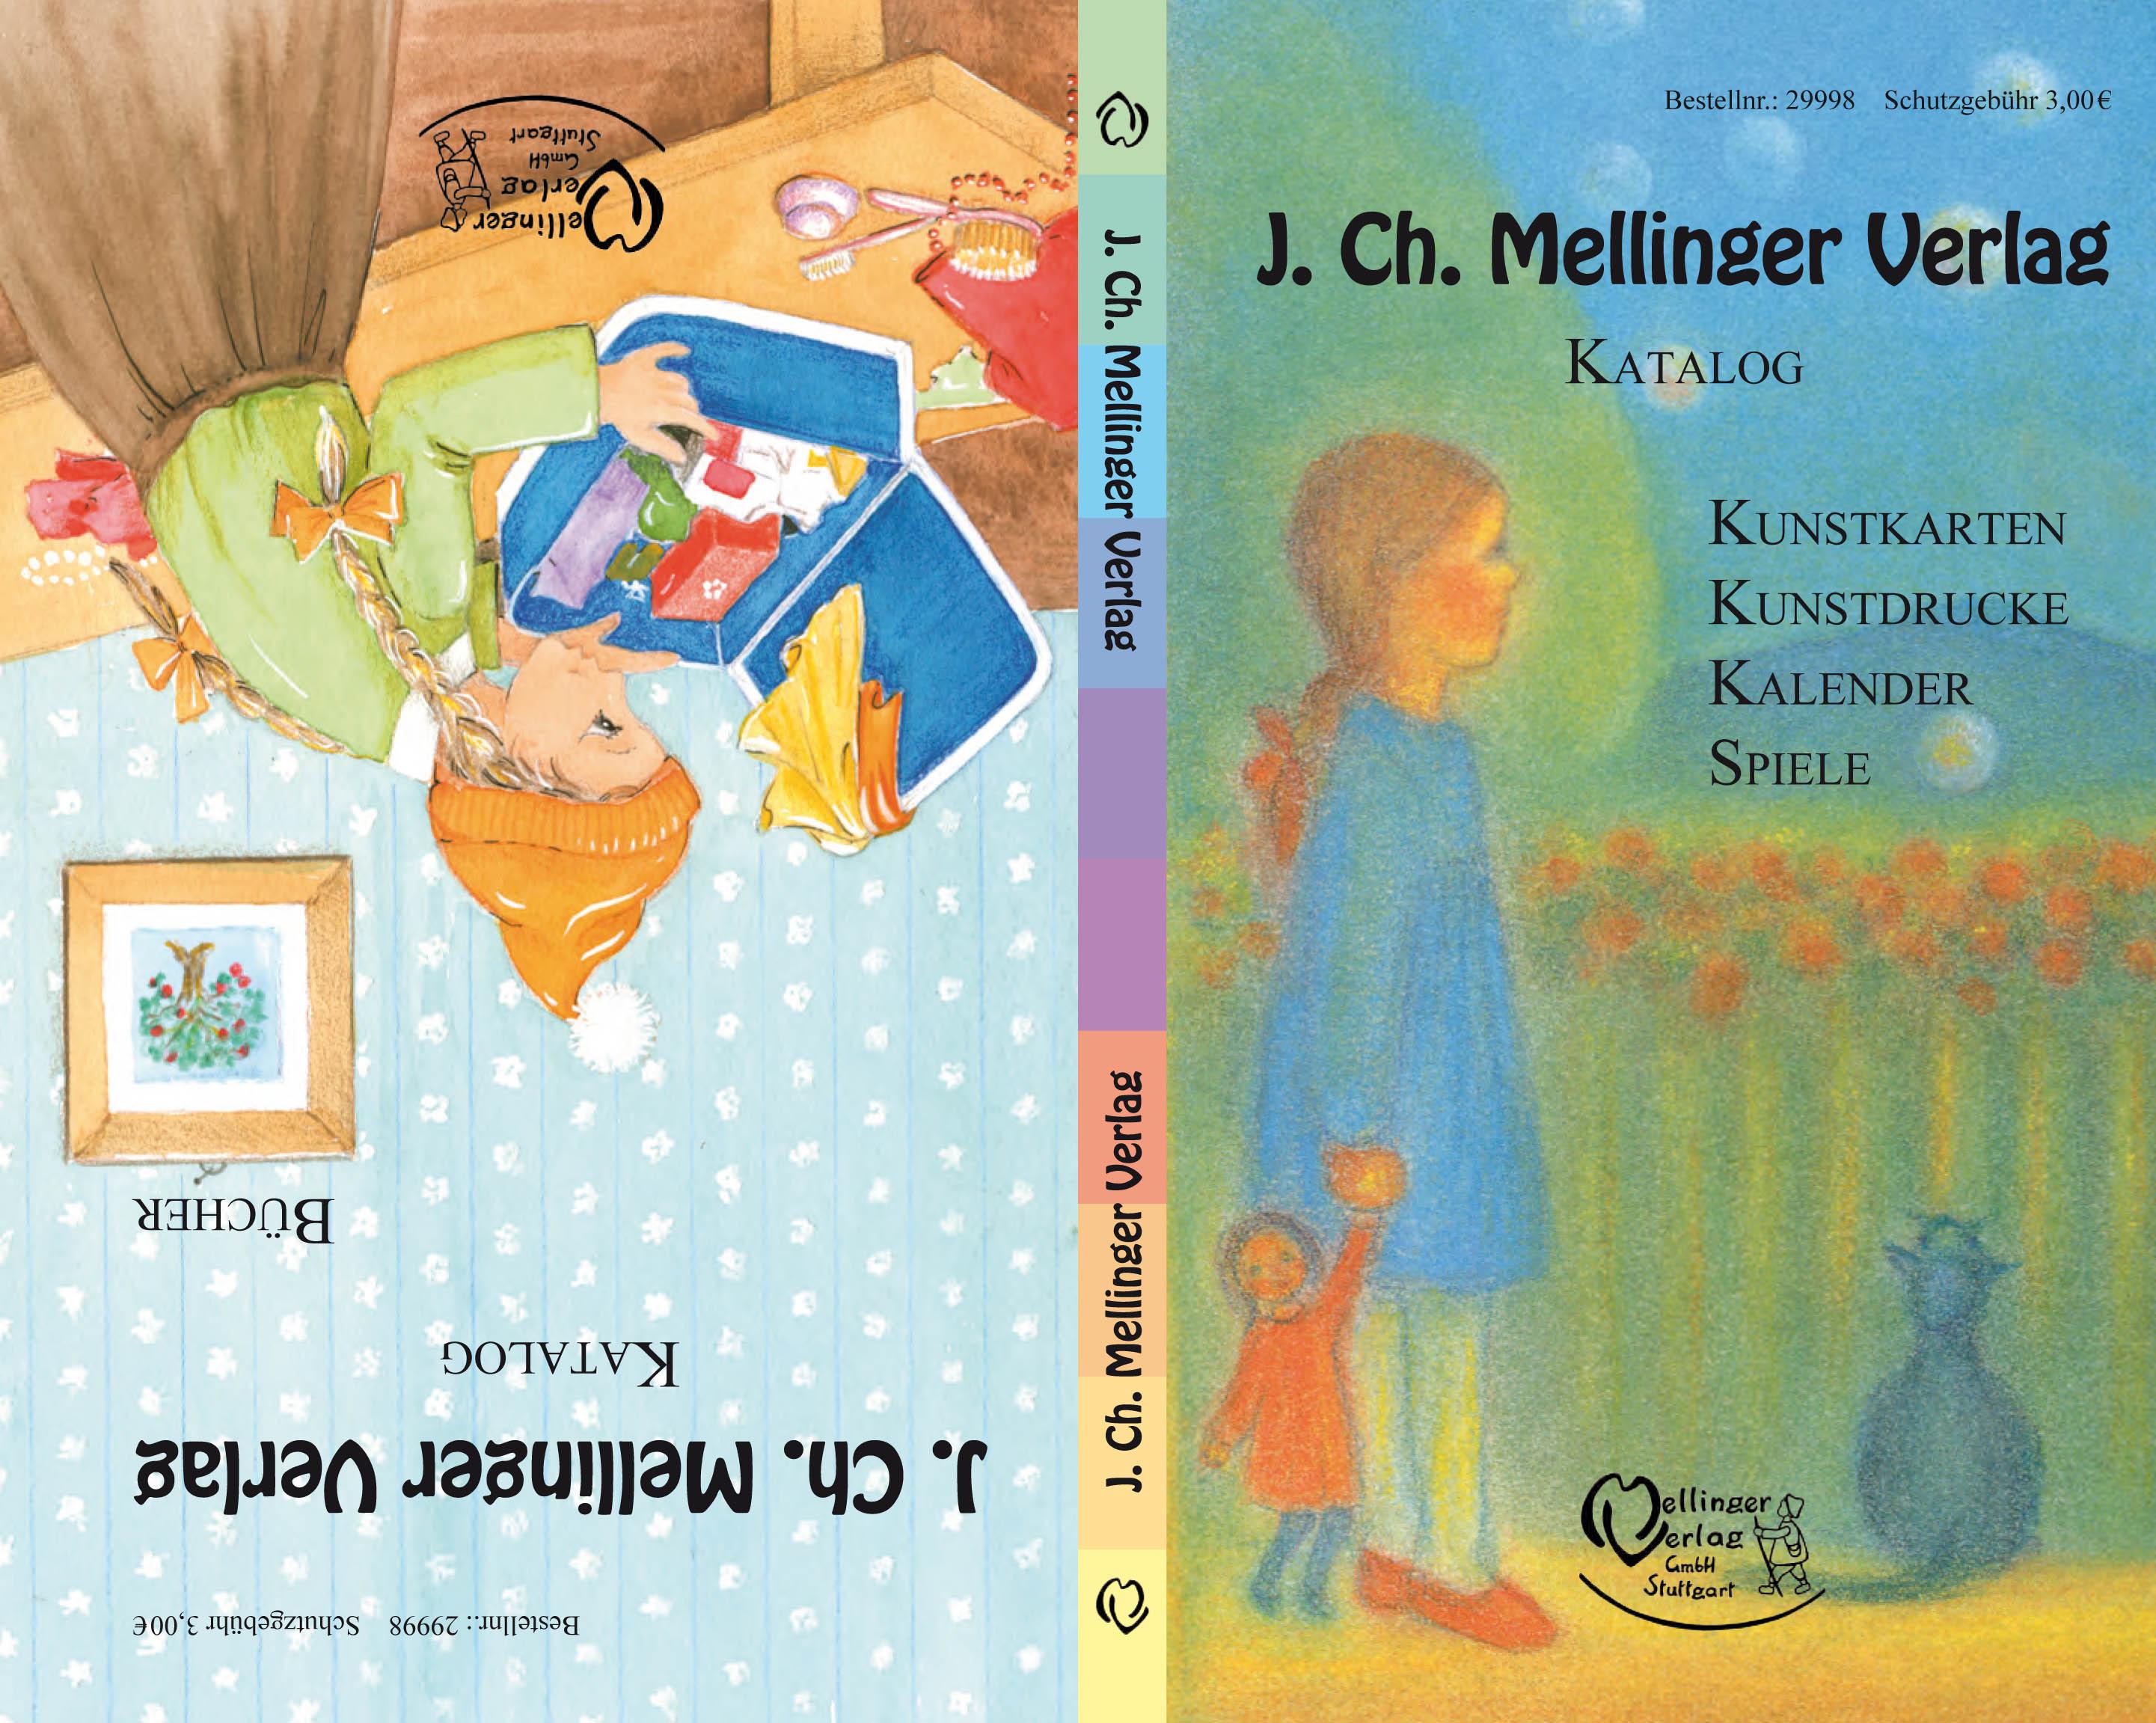 mellinger-katalog-andere-seite